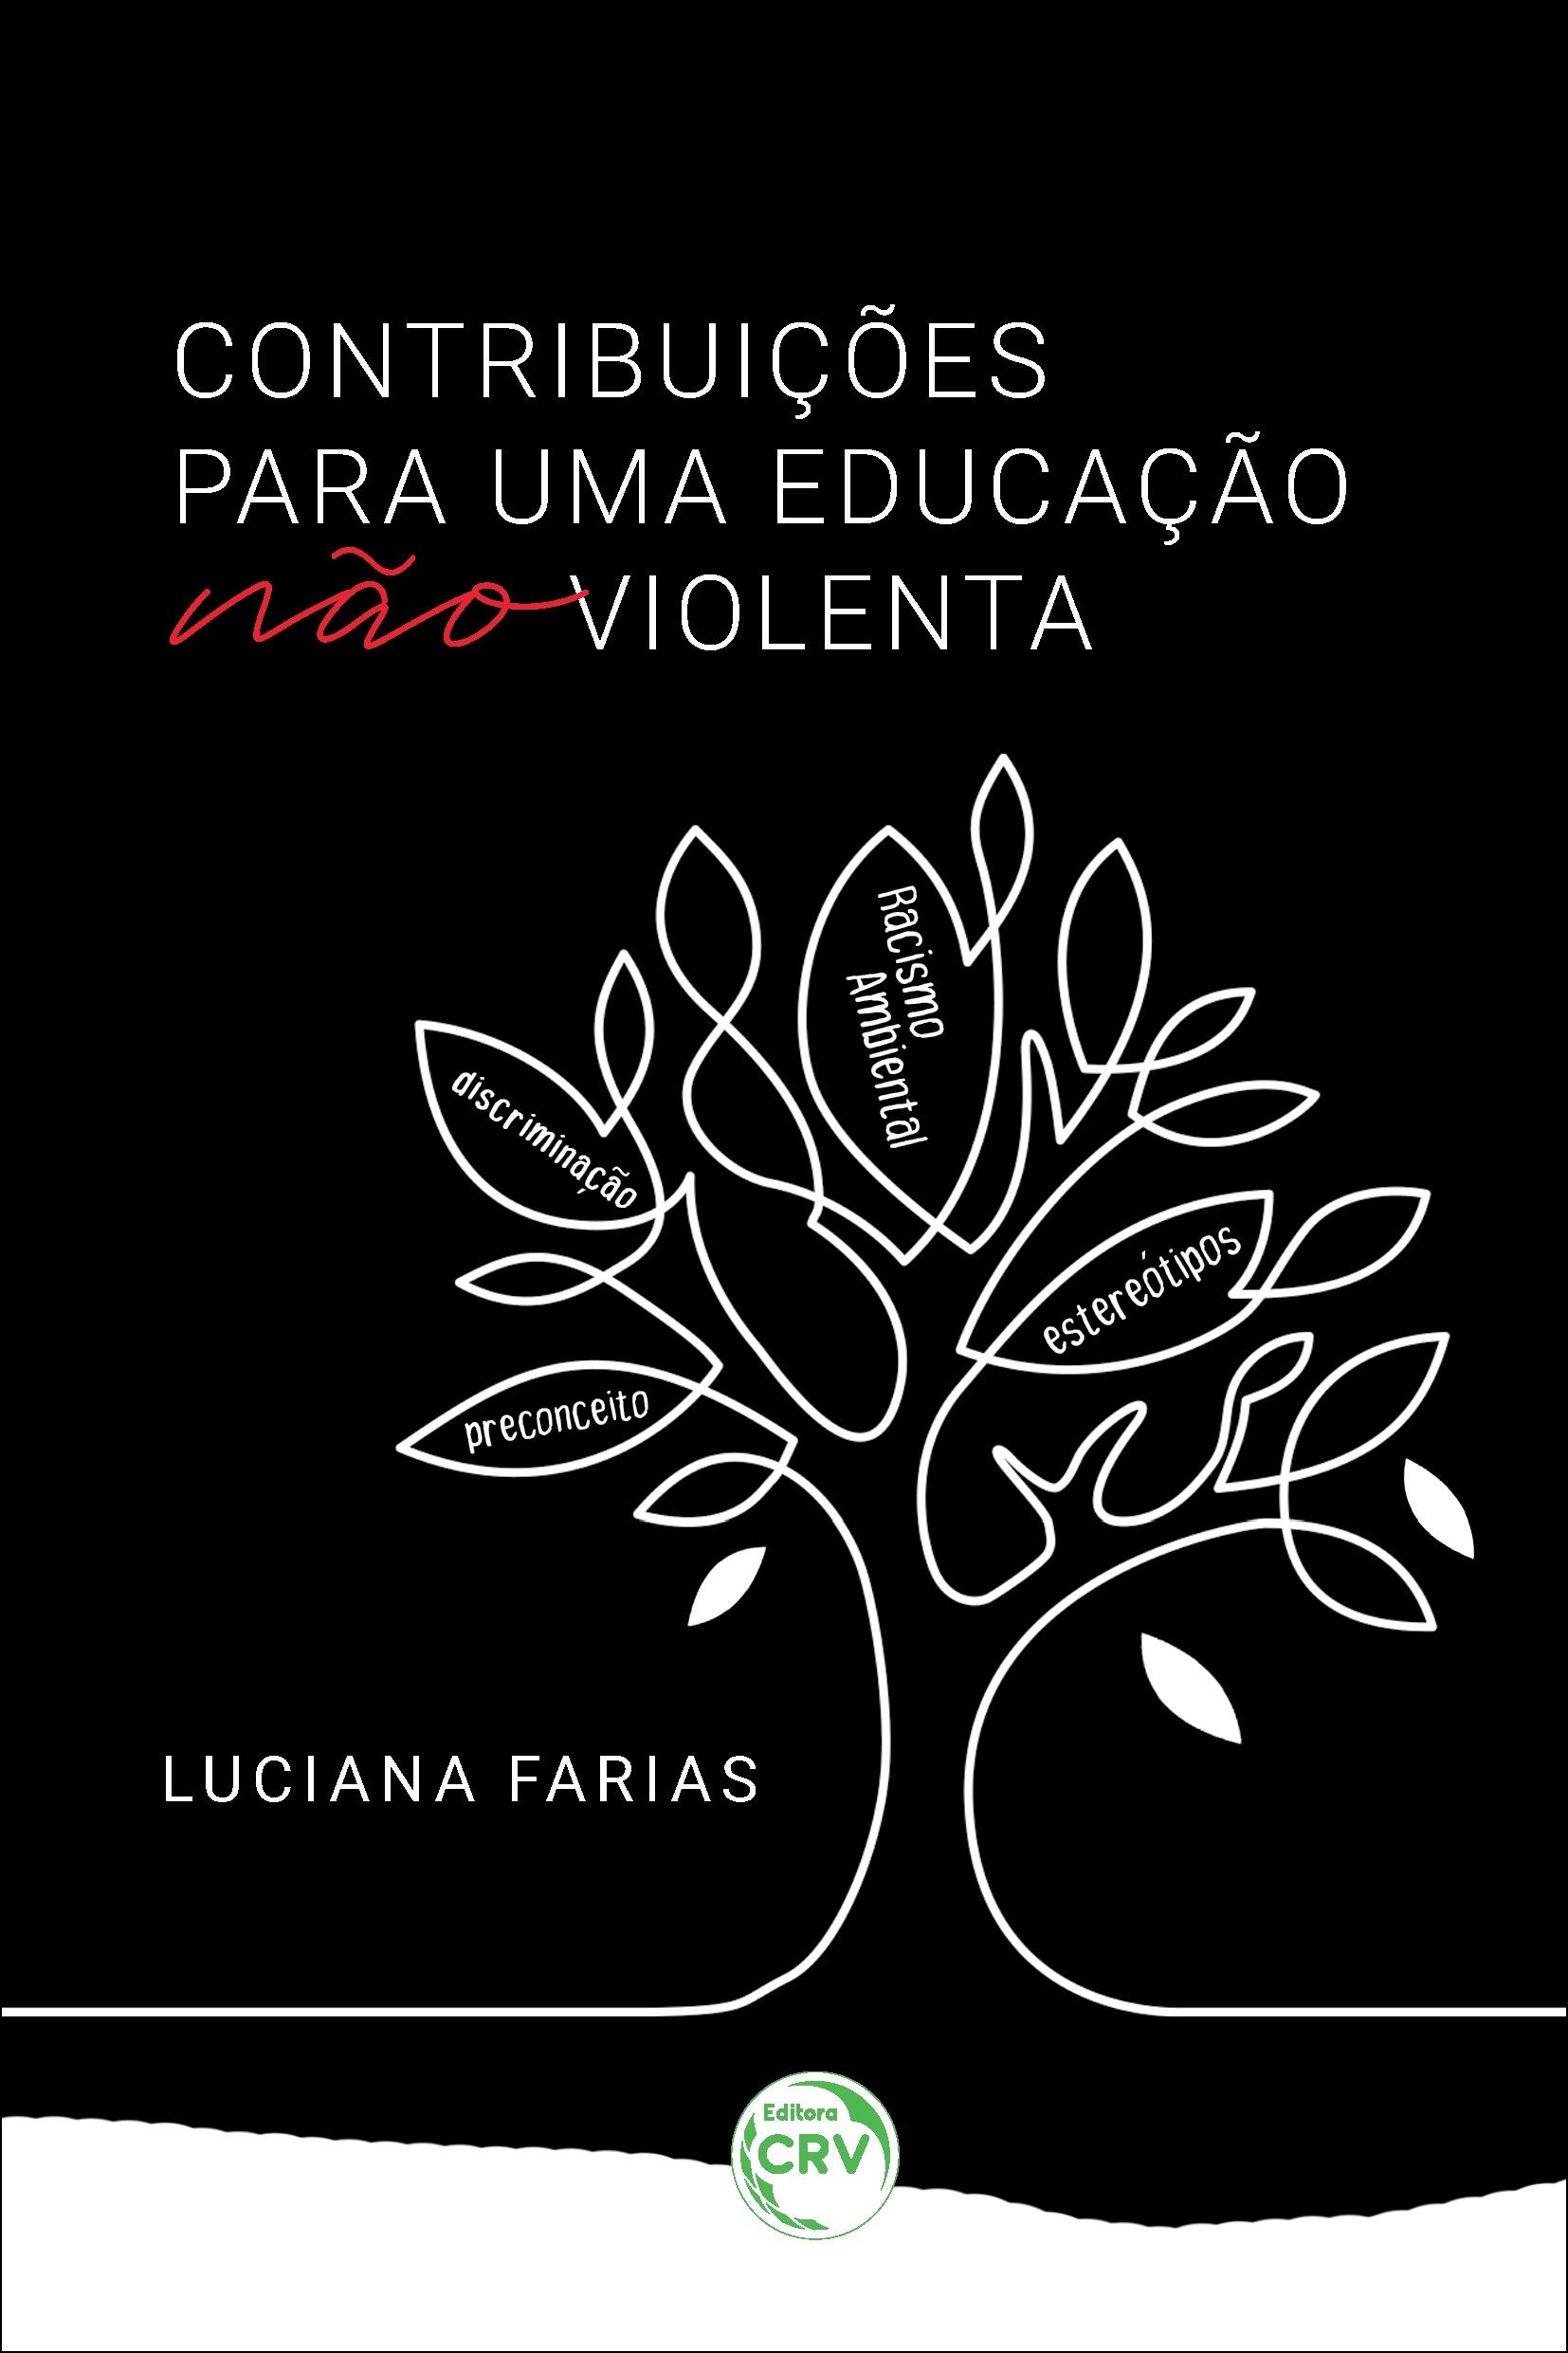 Imagem da obra: Contribuic?es para uma educac?o n?o violenta / 2019